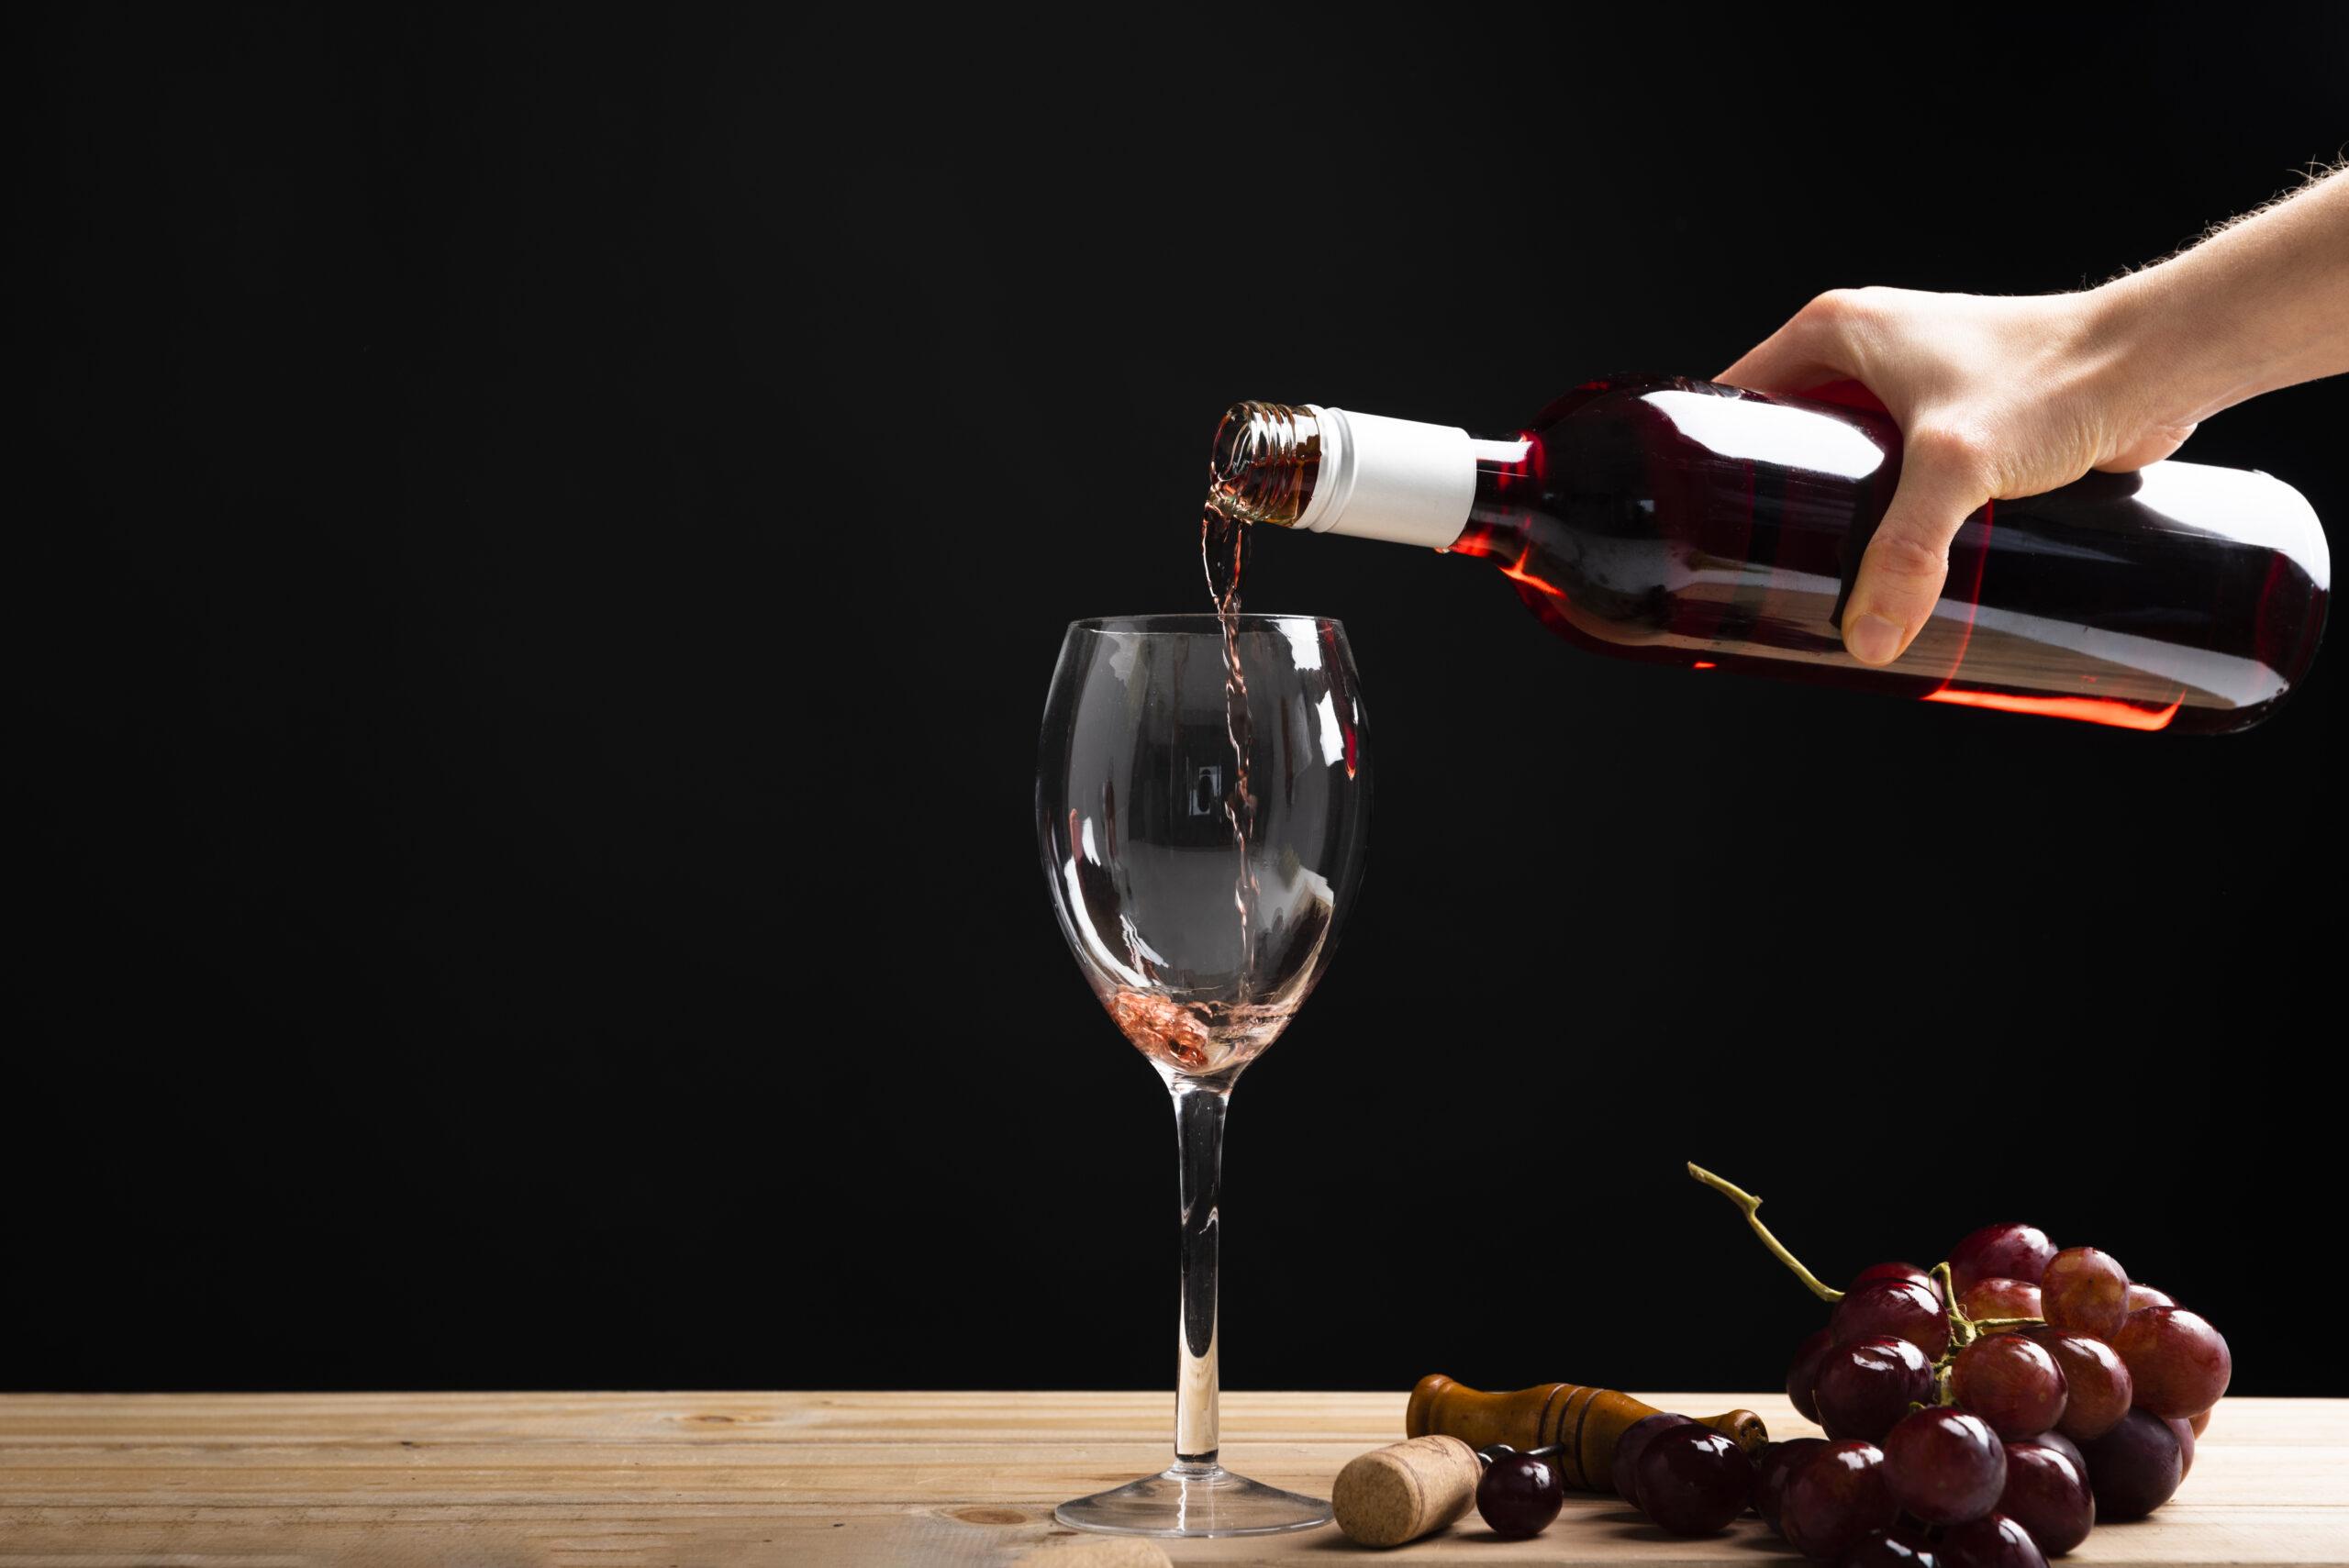 La Soirée des Arts – Art & Wine Dinner